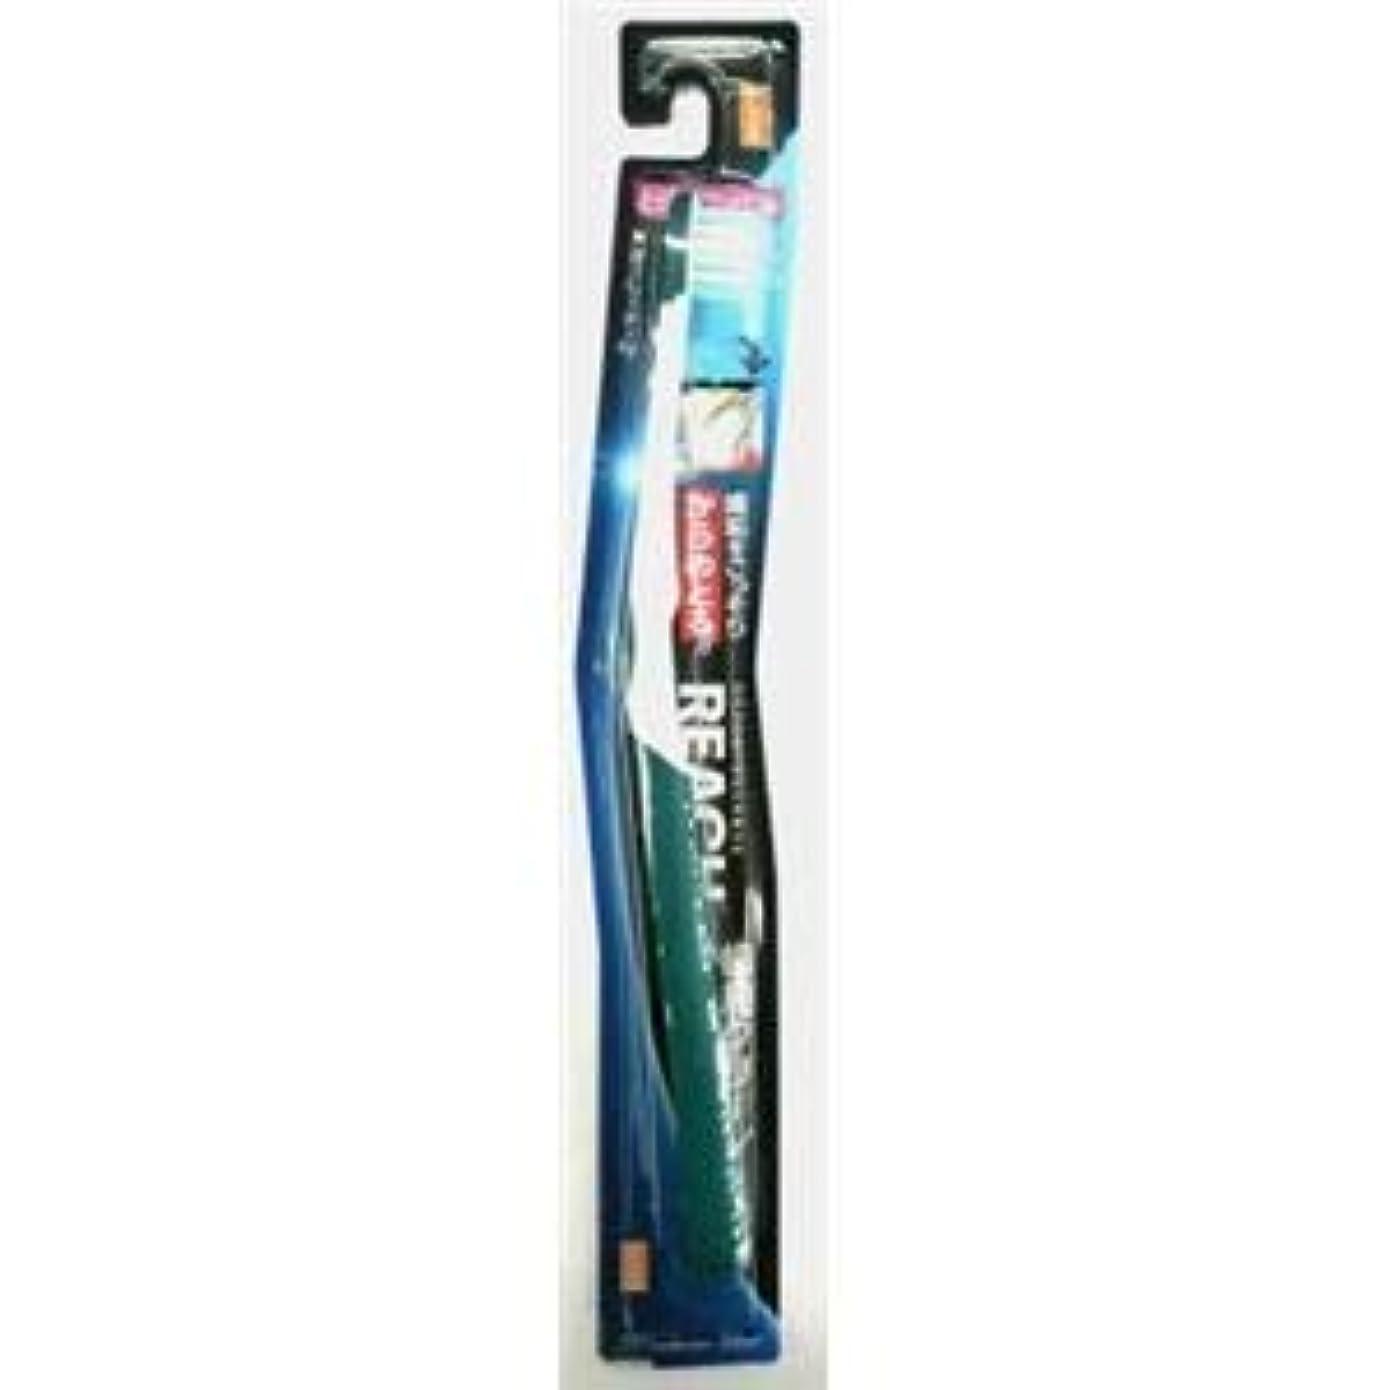 (まとめ)銀座ステファニー リーチ歯ブラシ リーチ 歯周クリーン とってもコンパクト やわらかめ 【×12点セット】